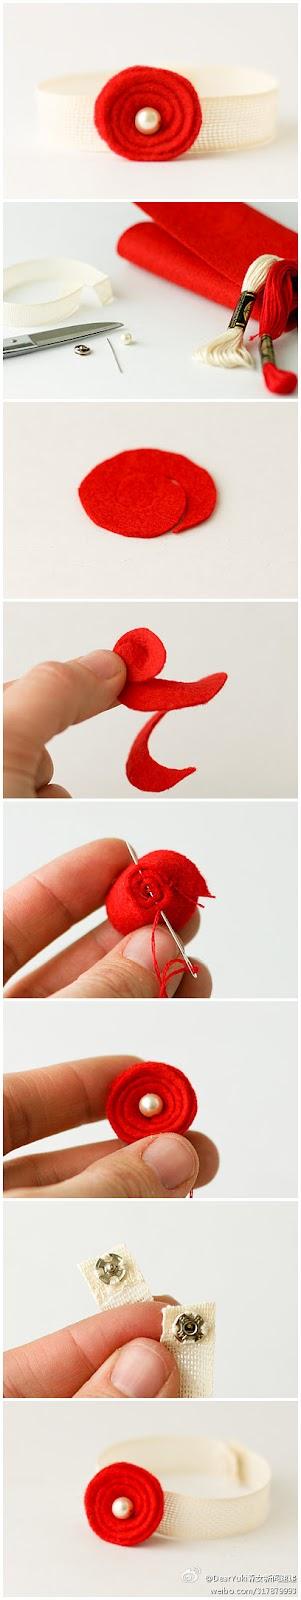 Tutorial paso a paso para hacer una rosa de fieltro fácil